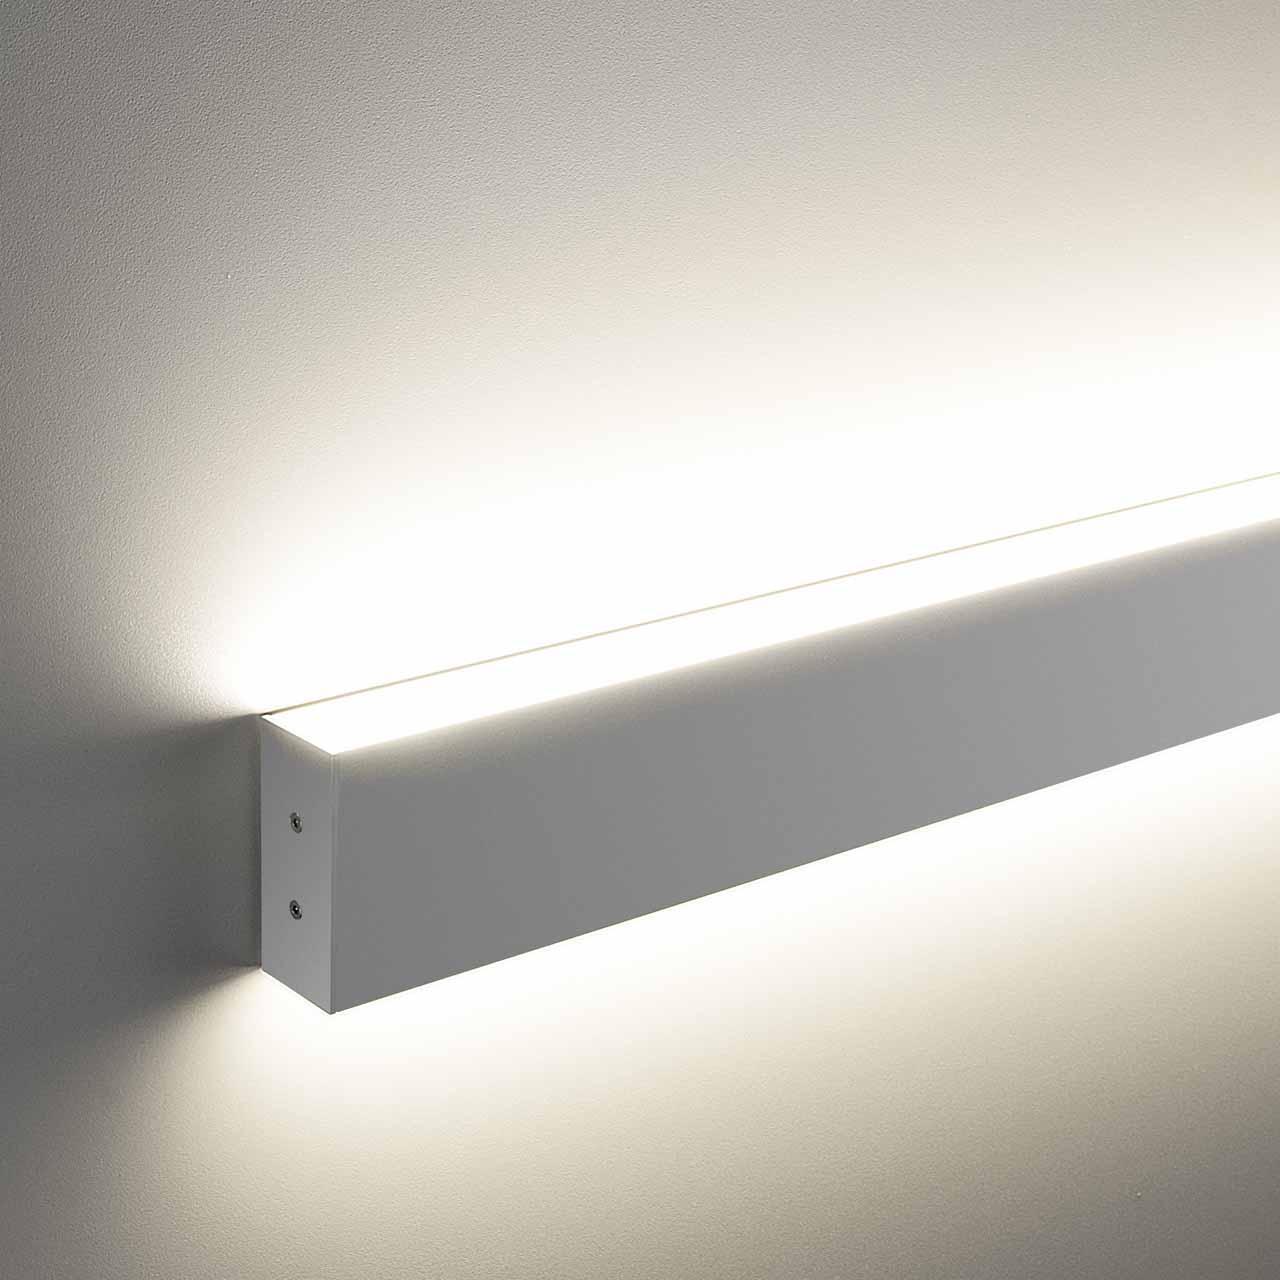 Настенный светодиодный светильник Elektrostandard LSG-02-2-8 128-35-4200-MS 4690389129193 цены